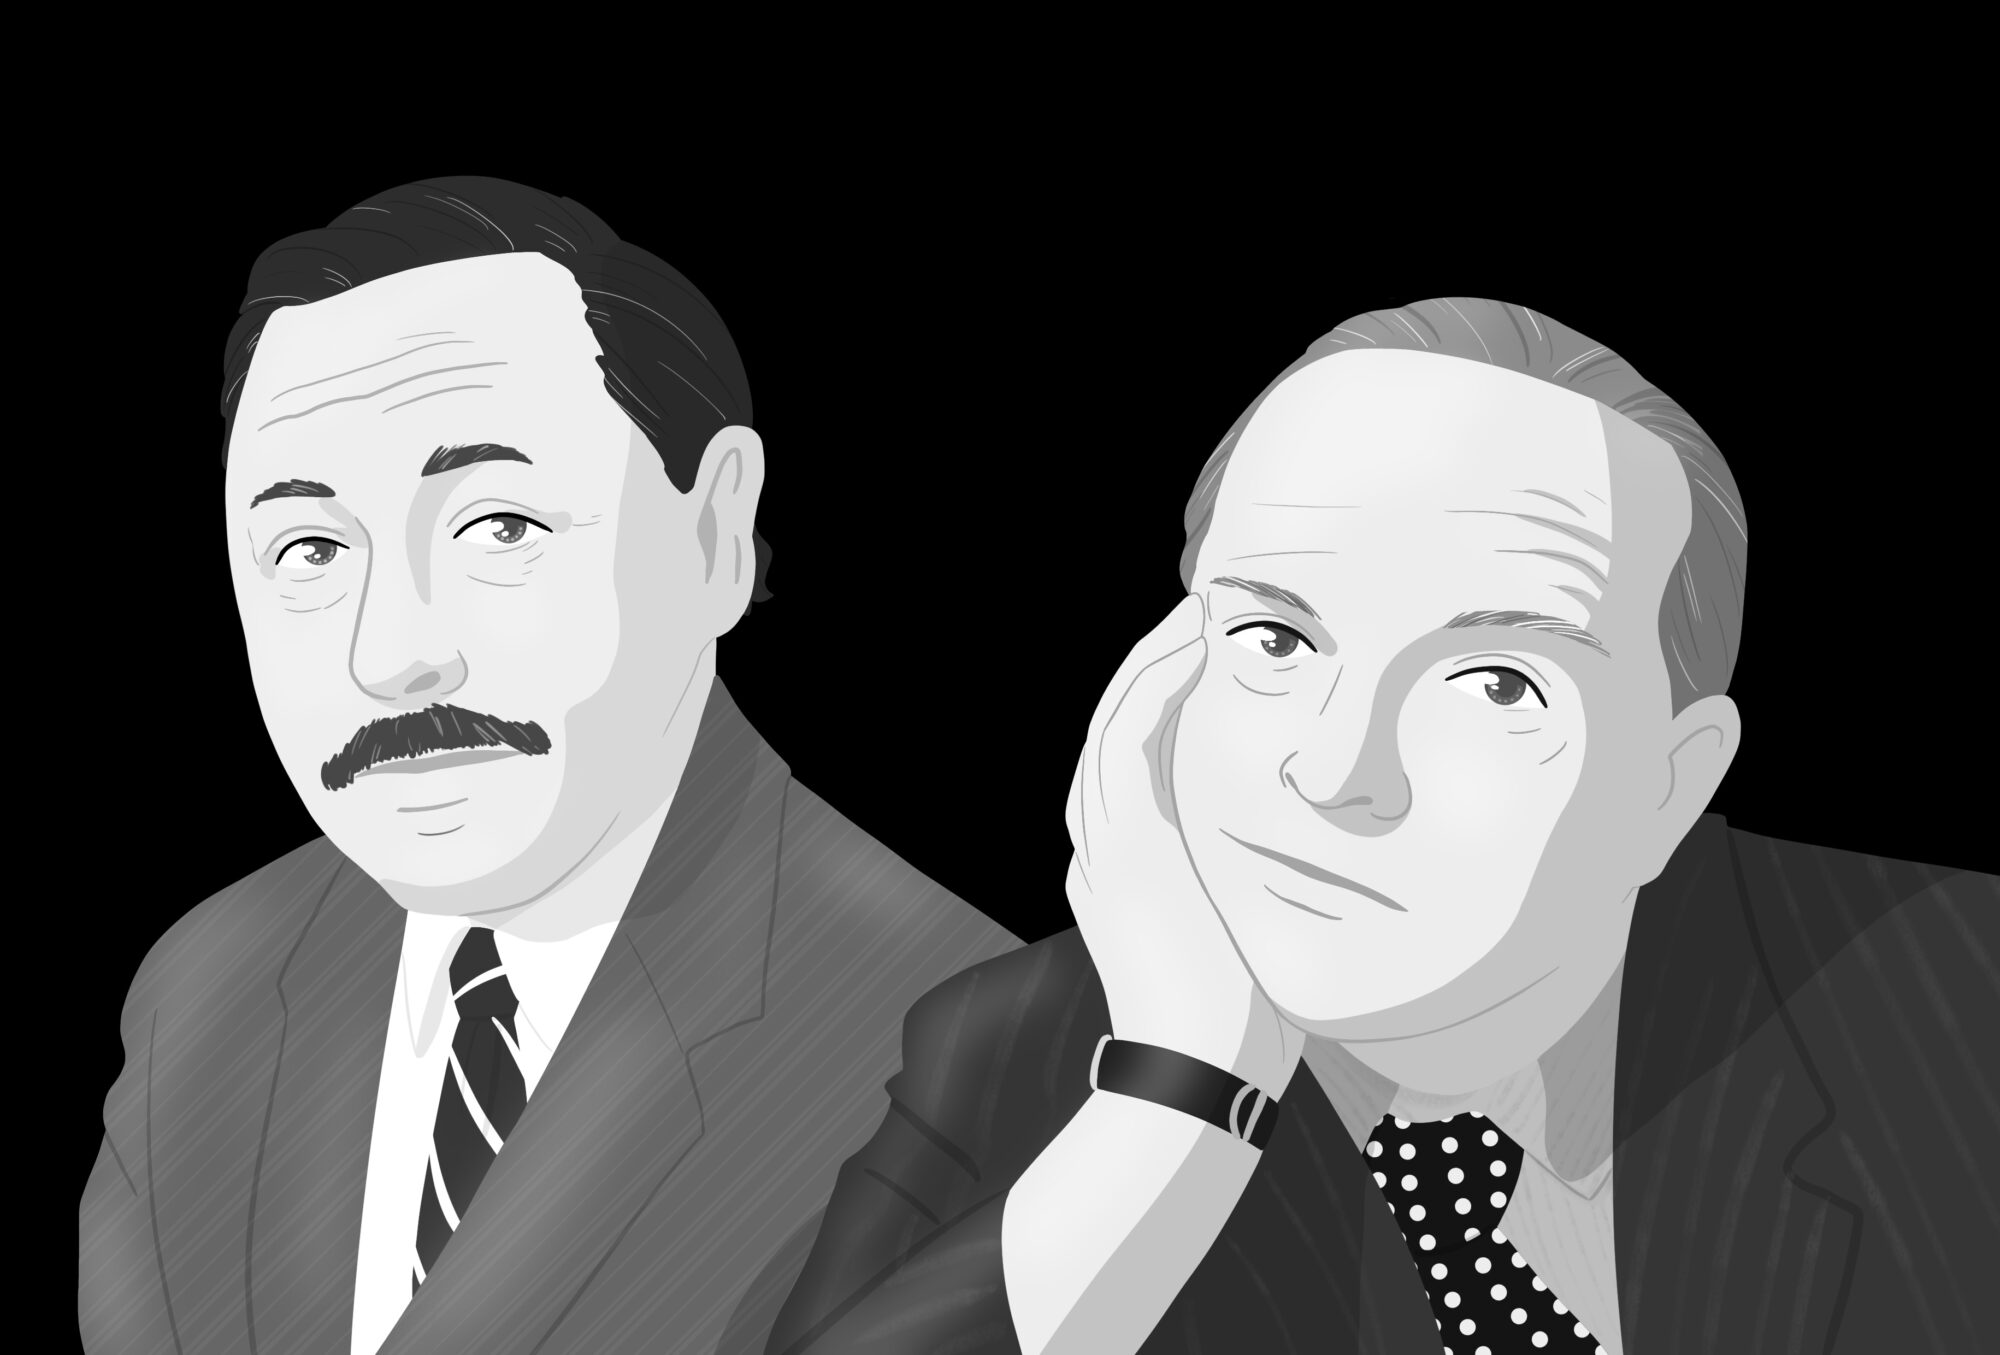 Tennessee Williams y Truman Capote. Ilustración de Kai Marrón.